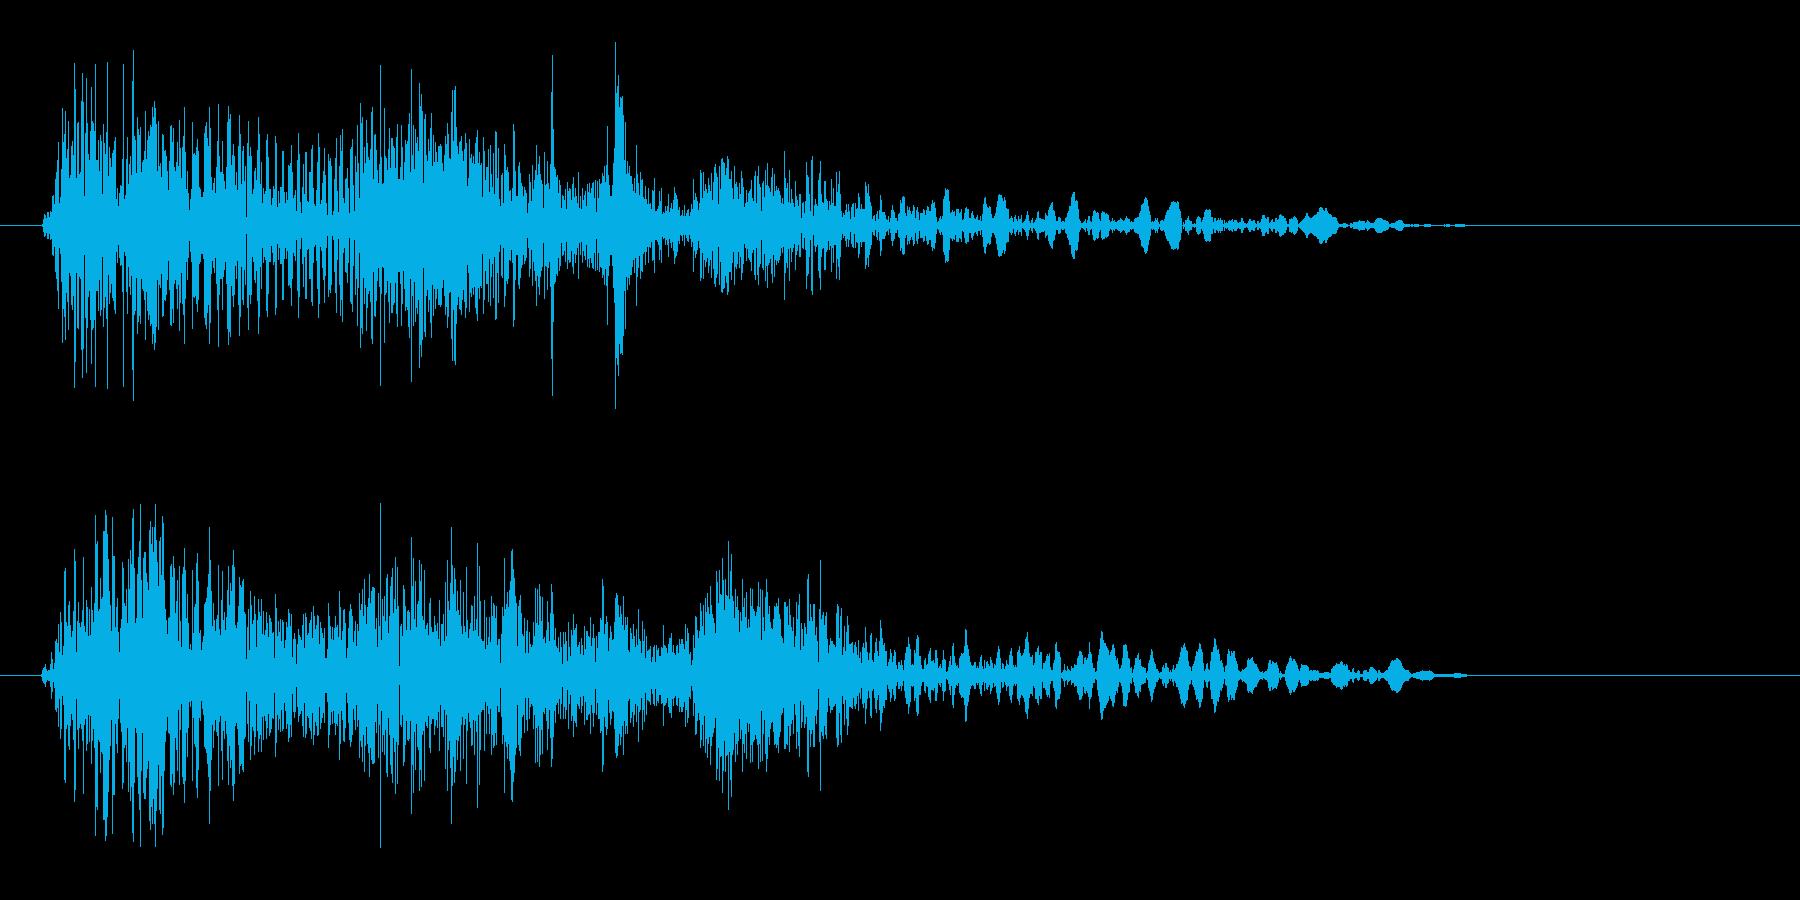 ビュヨン(弾のようなものが発射される音)の再生済みの波形